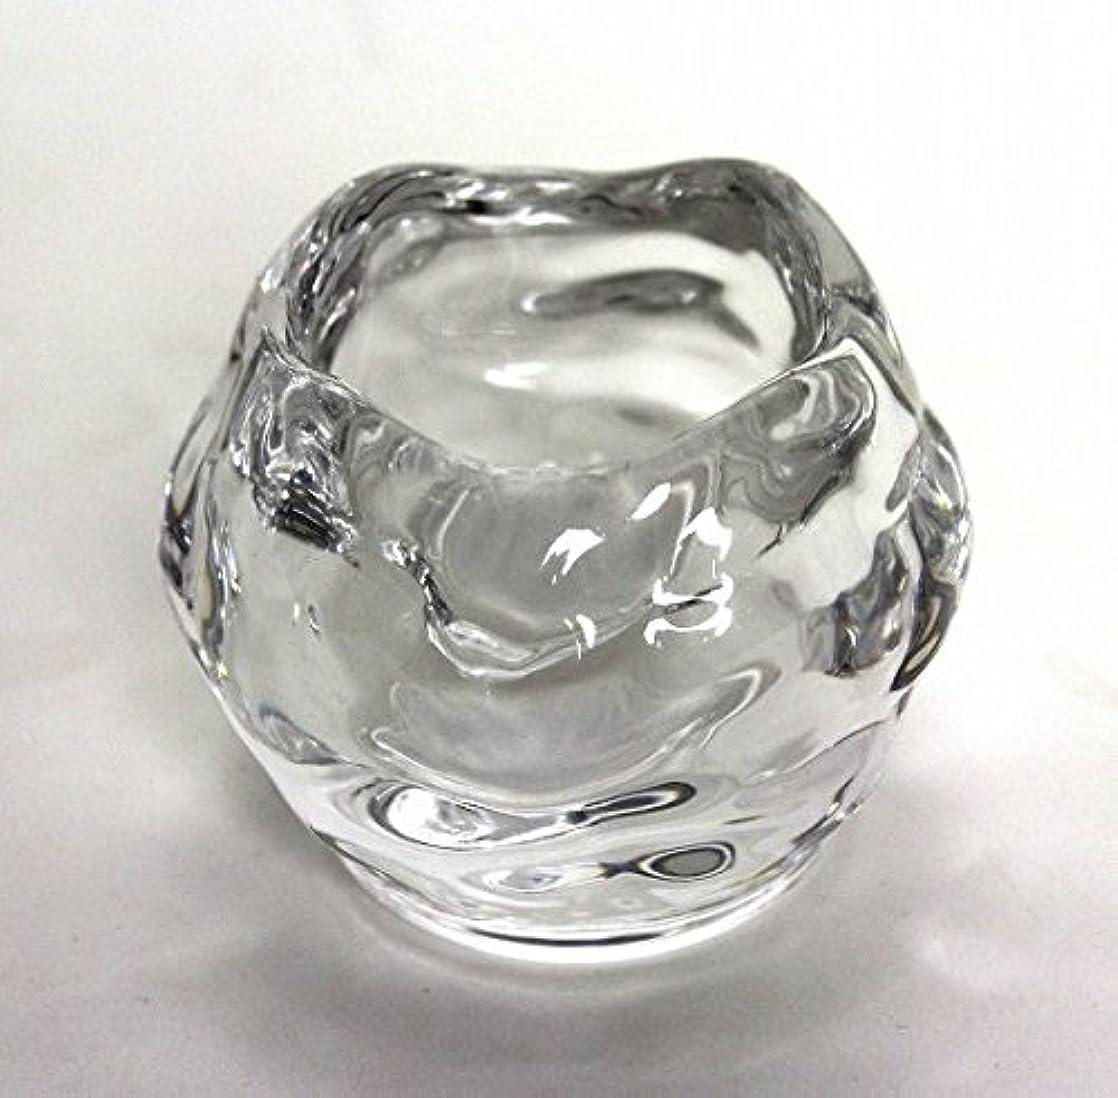 嬉しいですエアコン酒kameyama candle(カメヤマキャンドル) ロックアイス(J5500000)